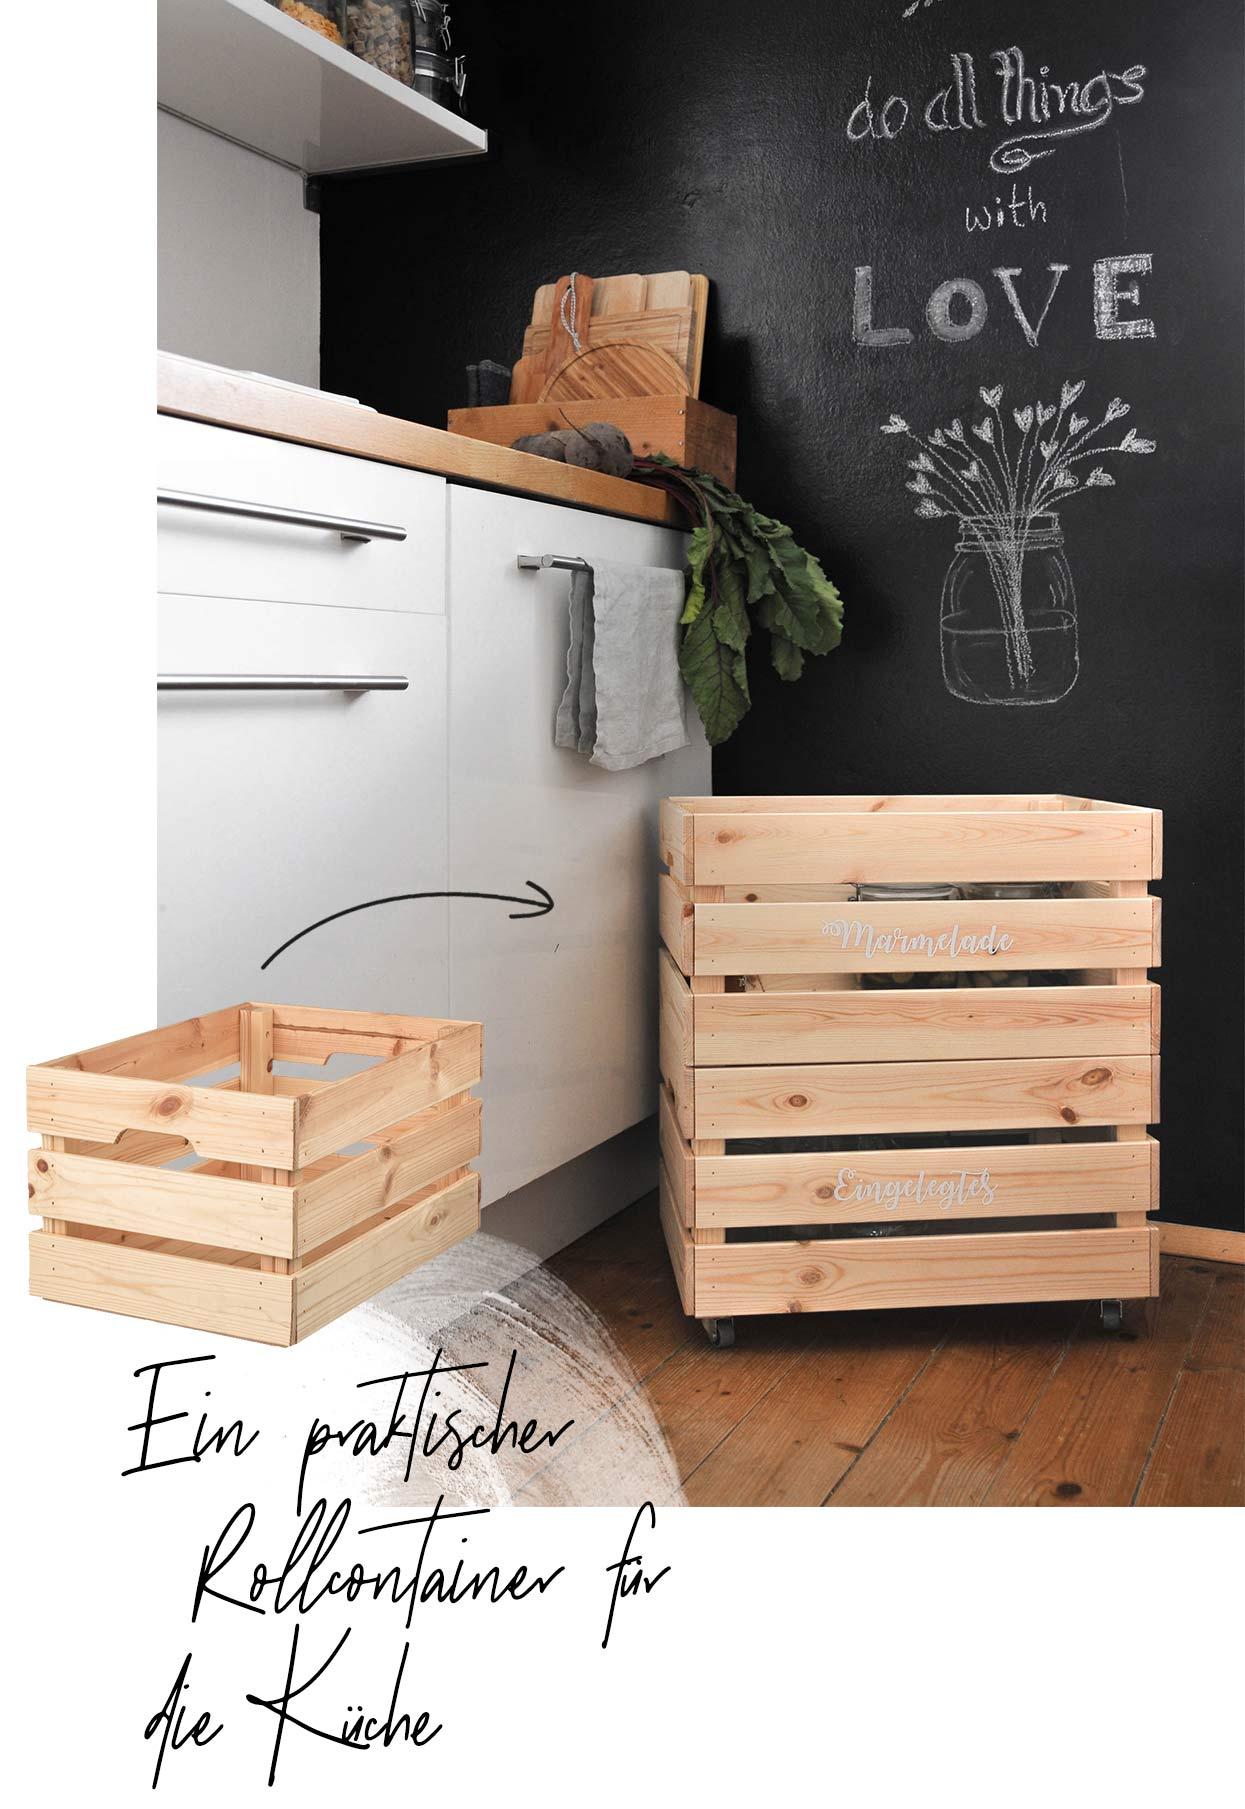 Full Size of Küche Selber Bauen Ikea Toller Hack Einen Rollcontainer Wohnklamotte Behindertengerechte Kosten Büroküche Sockelblende Gebrauchte Verkaufen Led Panel Wohnzimmer Küche Selber Bauen Ikea